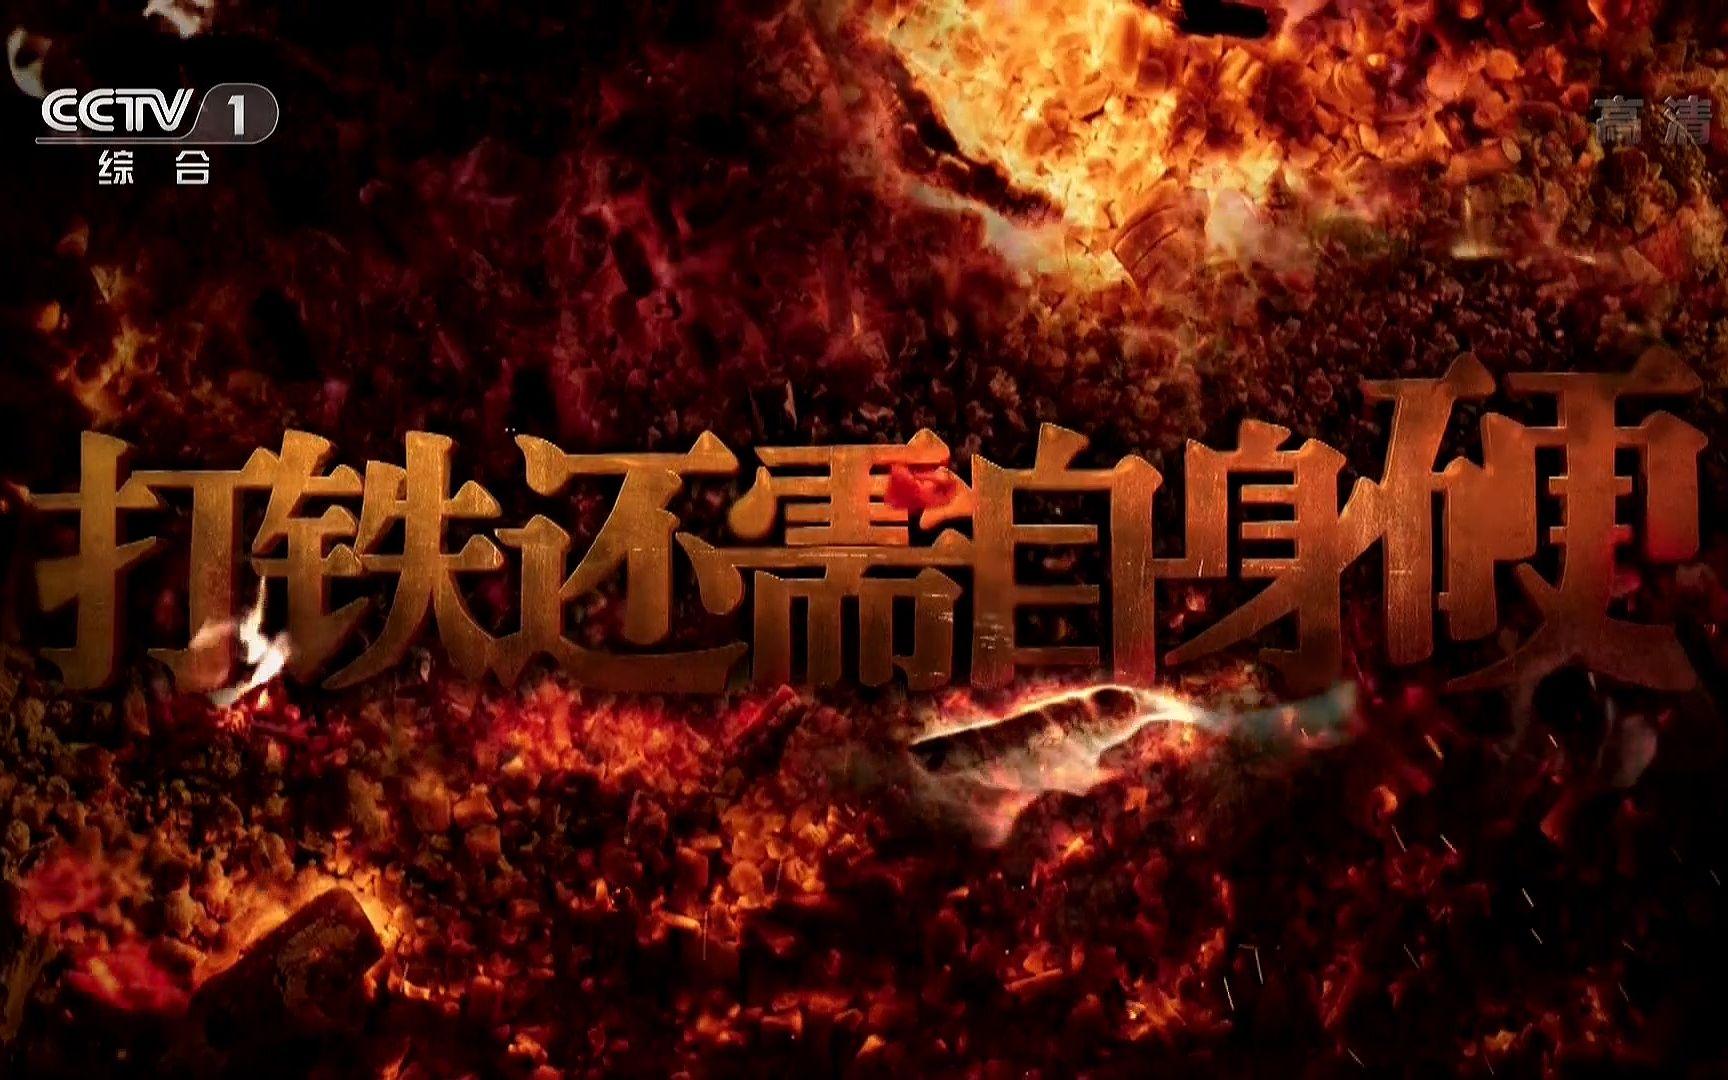 [1080P]電視專題片《打鐵還需自身硬》上中下篇更新完_嗶哩嗶哩 (゜-゜)つロ 干杯~-bilibili